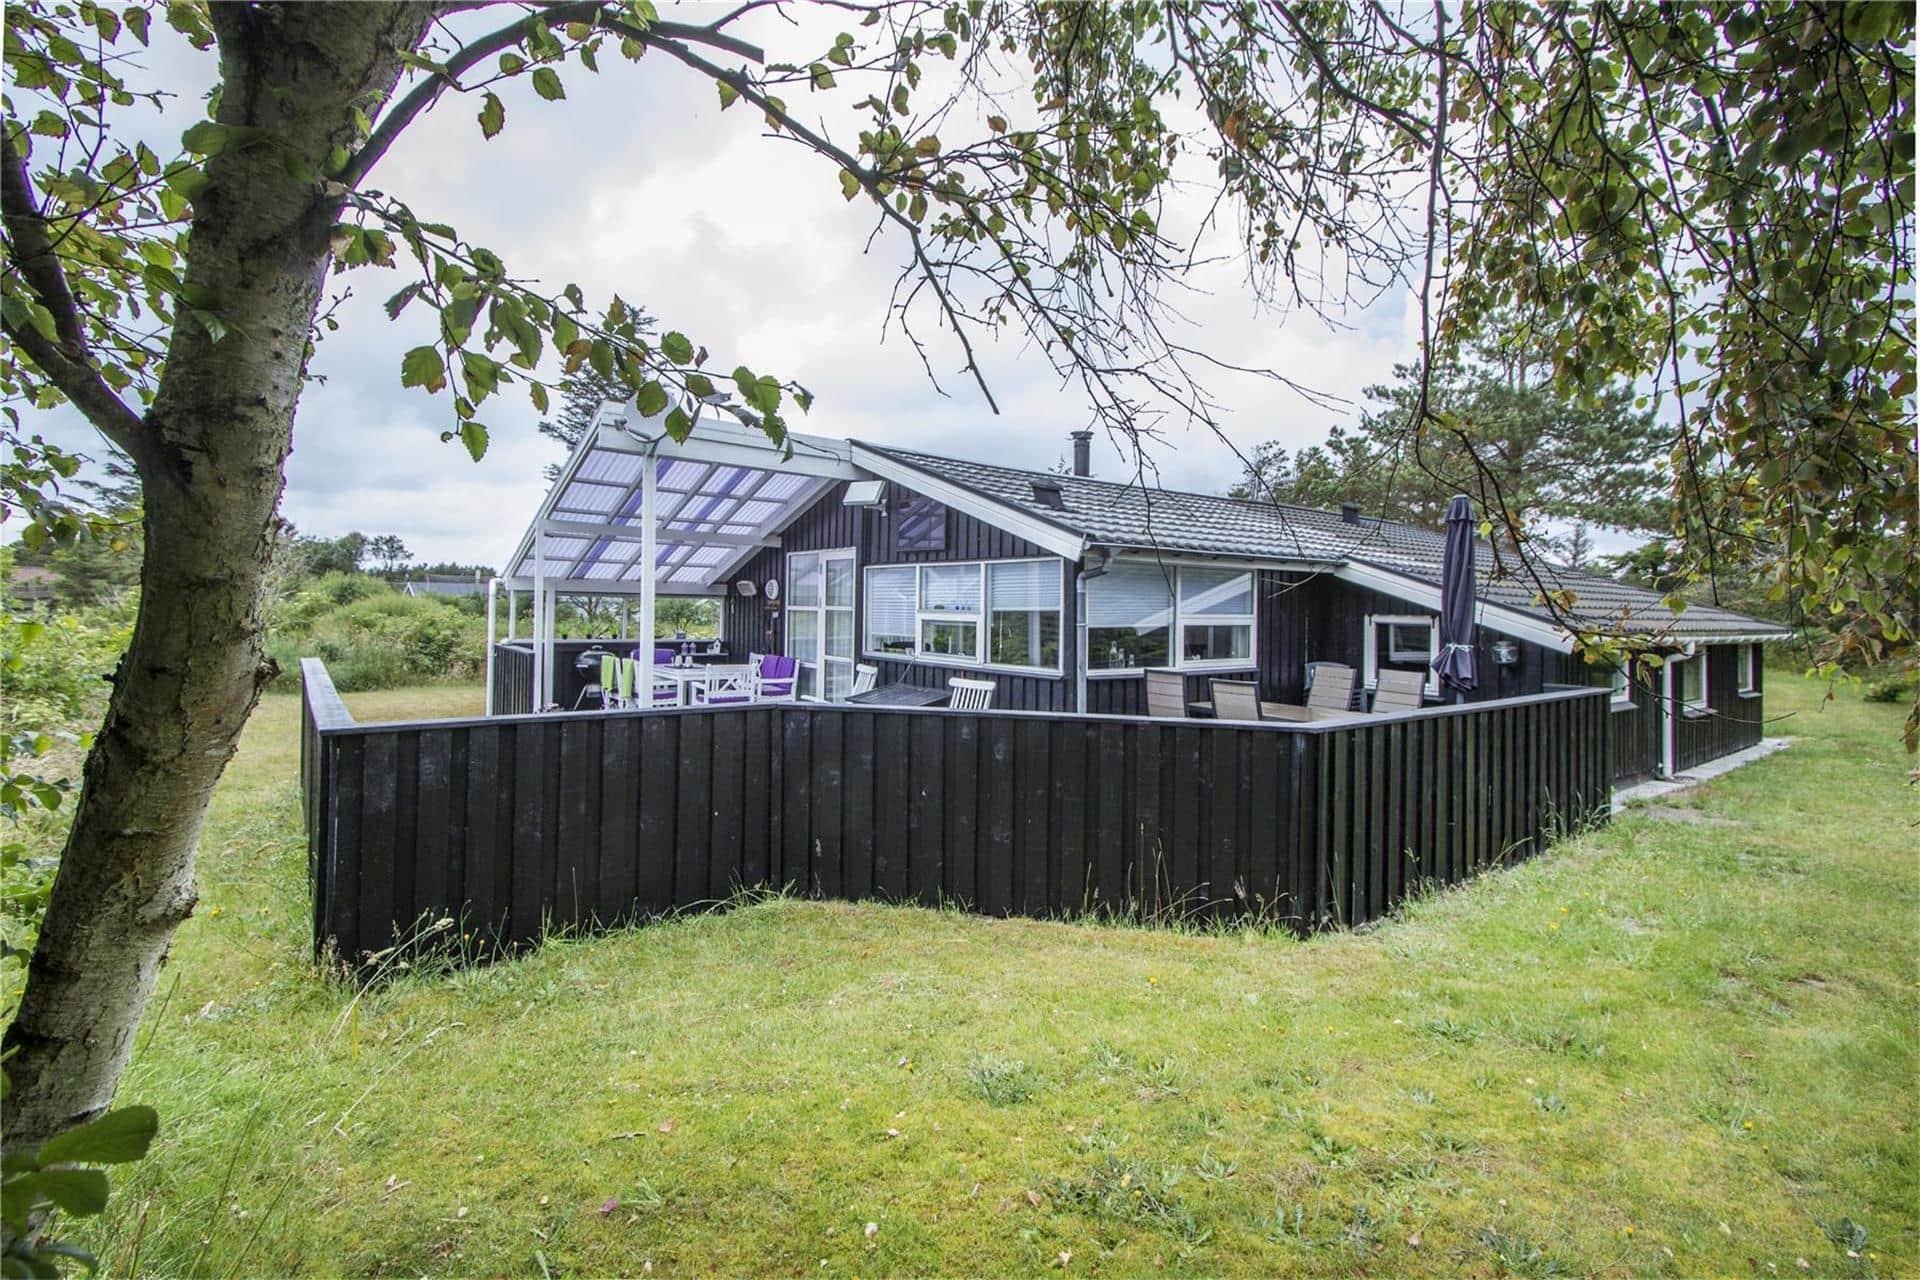 Afbeelding 1-14 Vakantiehuis 428, Højlyngen 1, DK - 9492 Blokhus